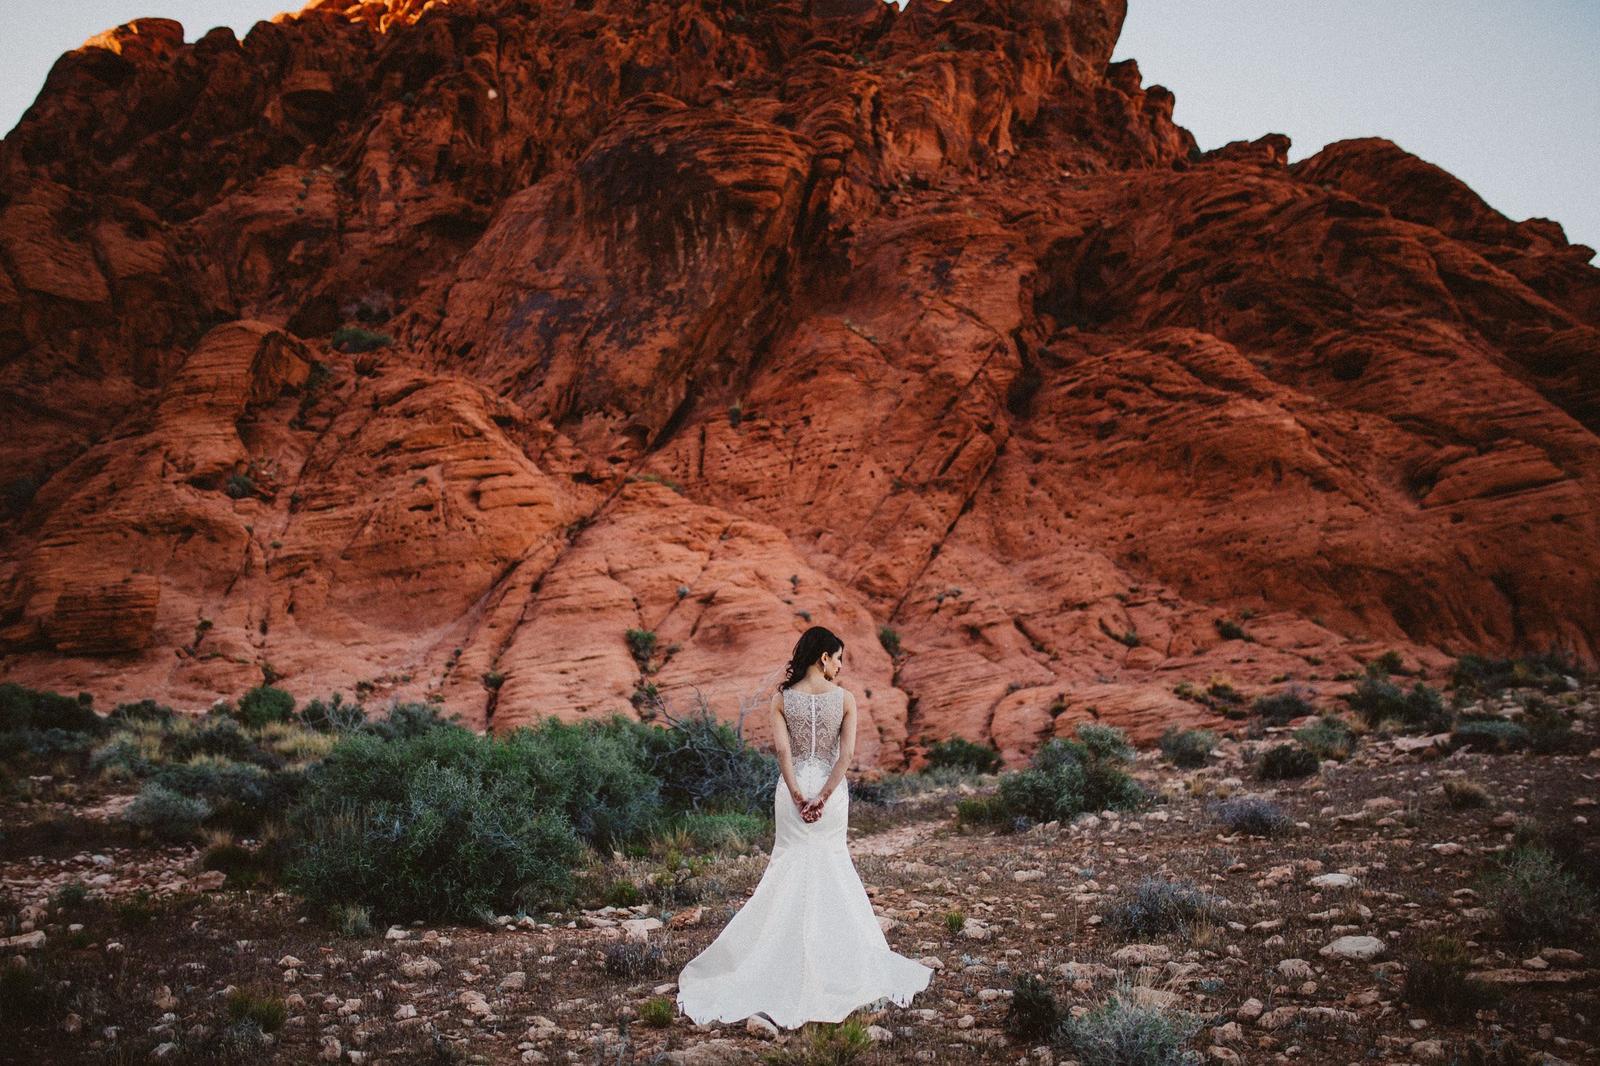 Inšpirácie na svadobné fotky - Obrázok č. 100